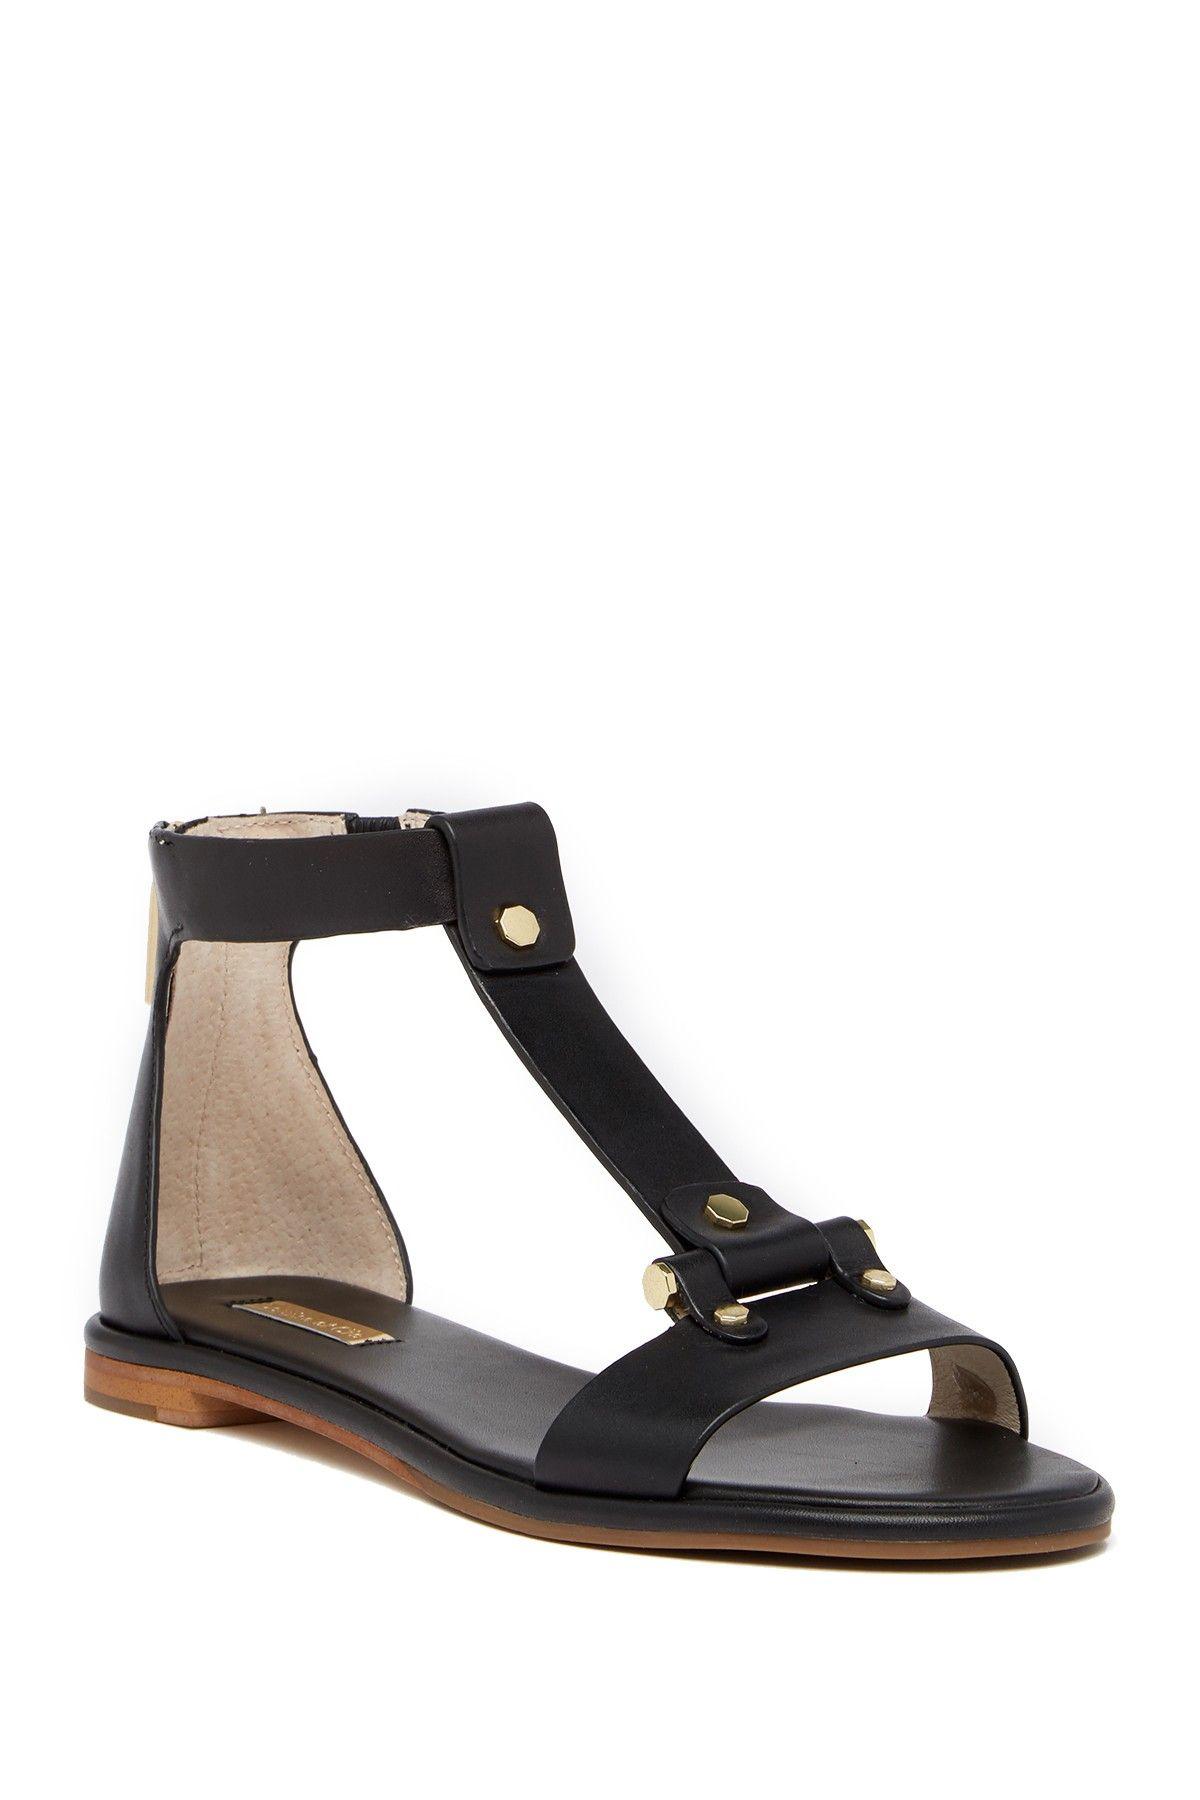 87a802c2e58 Louise et Cie Citrona T-Strap Leather Sandal